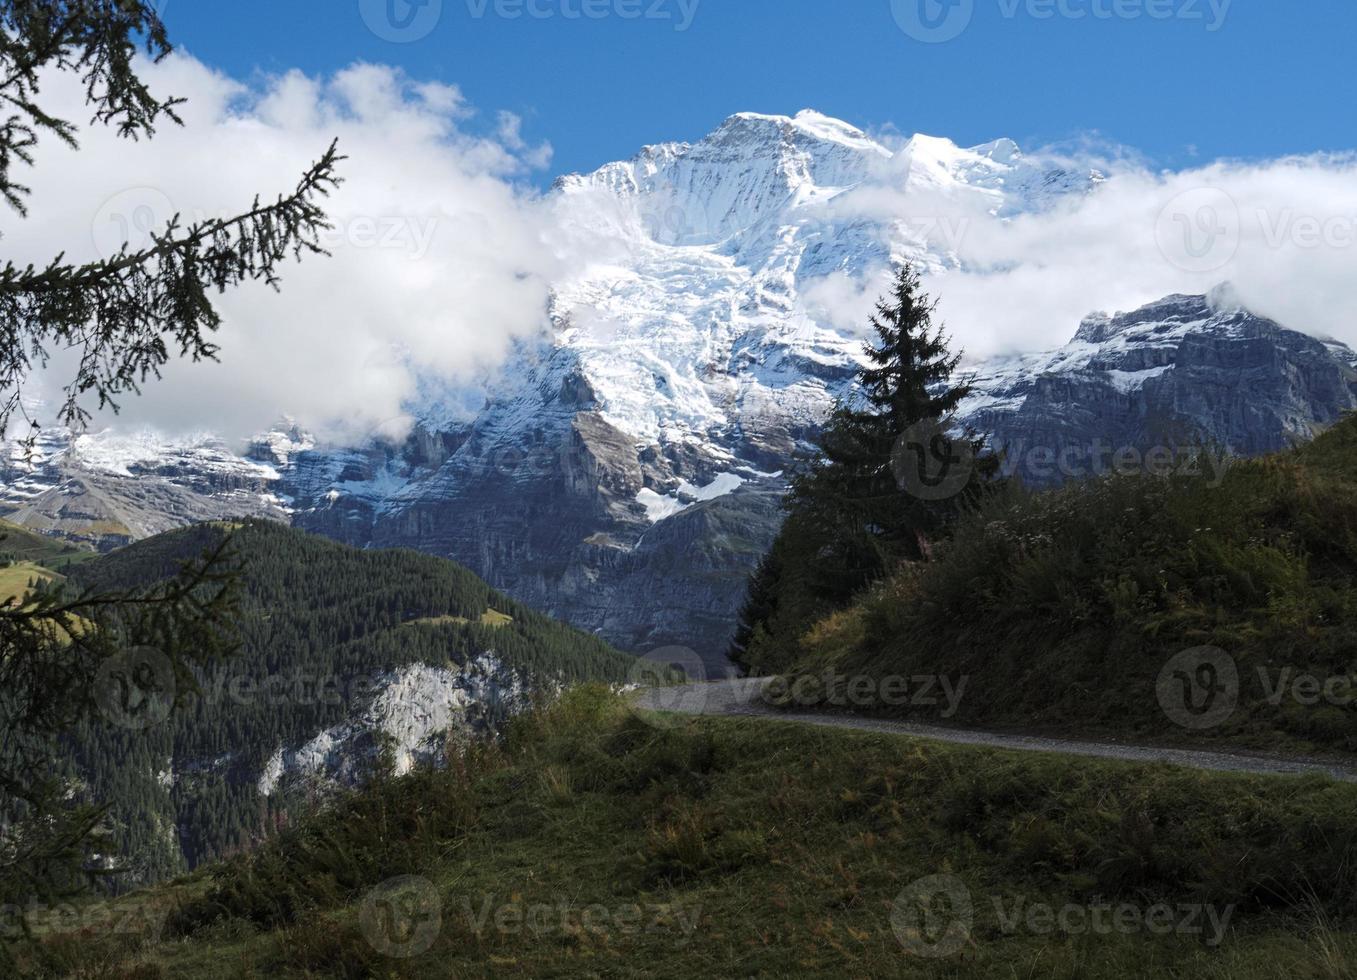 spektakuläre bergansichten rund um murren (berner oberland, schweiz) foto